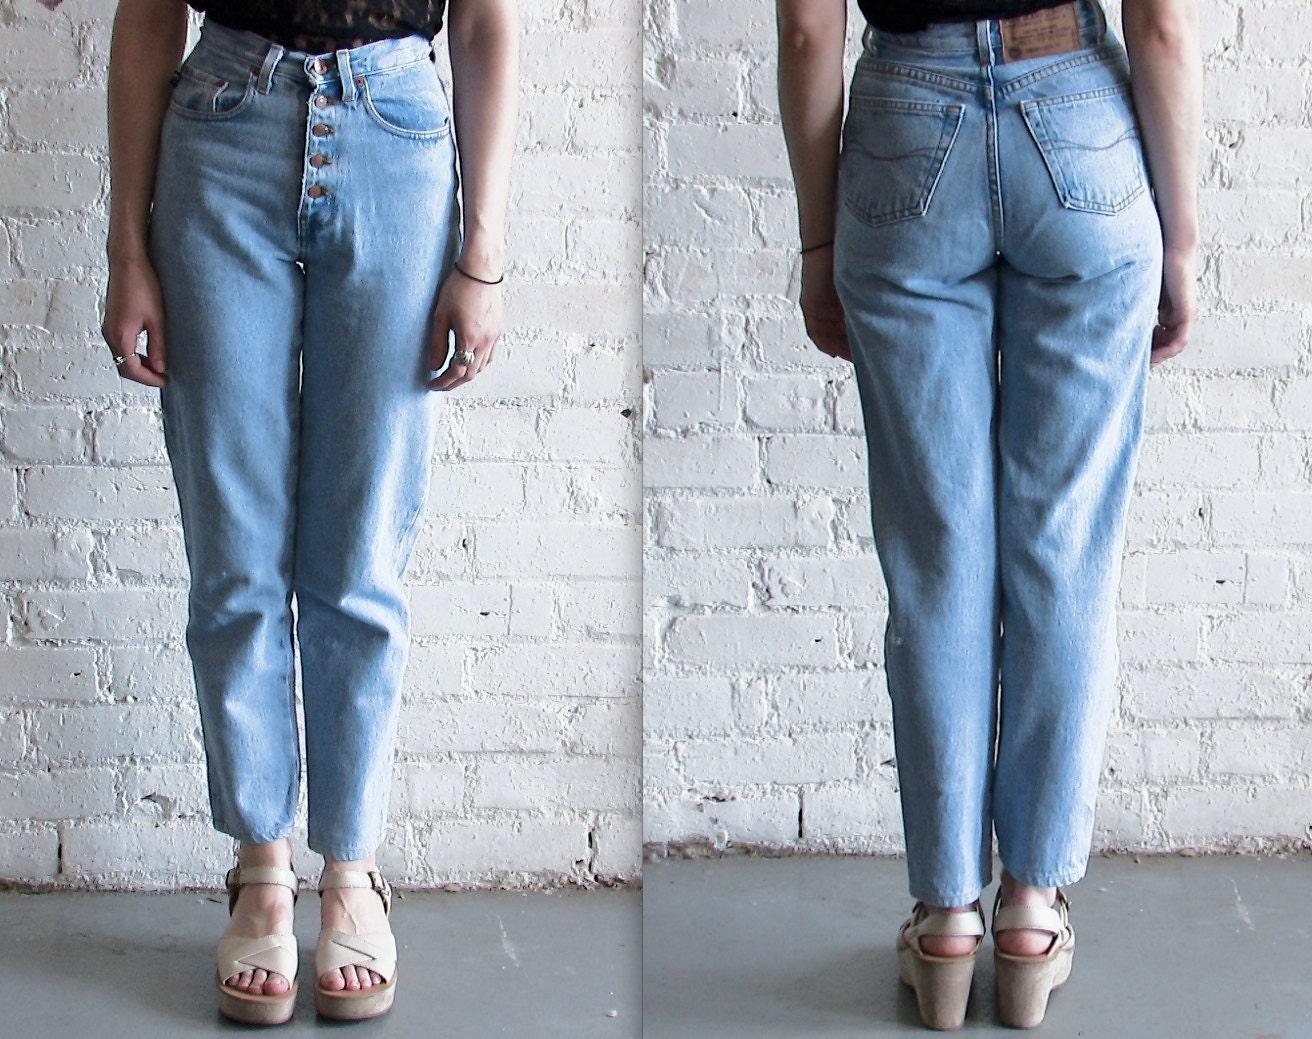 Vtg 90s Acid Wash Grunge High Waist Tapered Jeans / 24 Waist